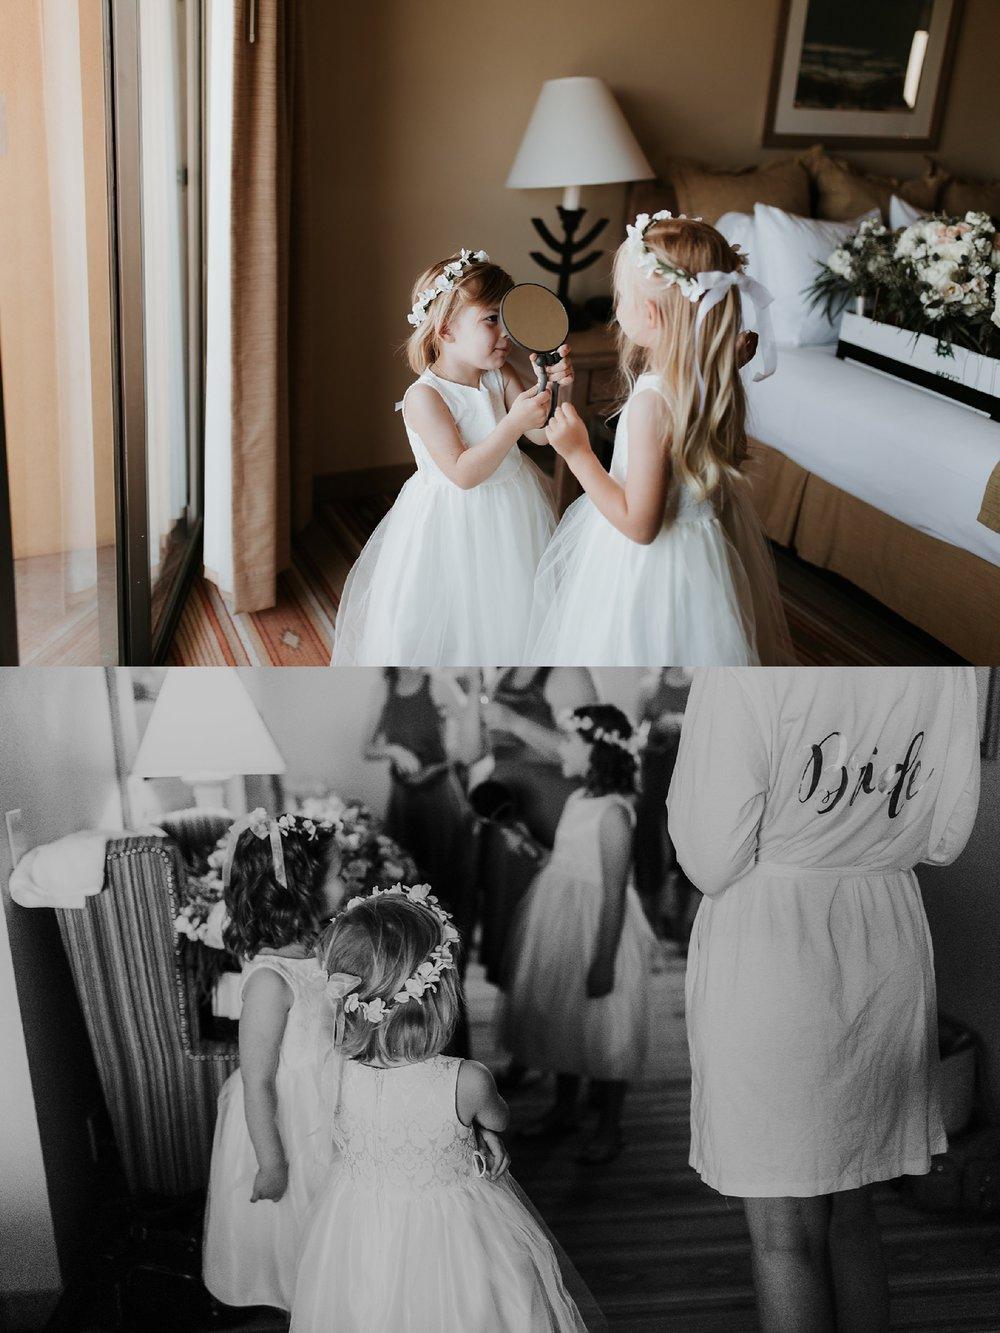 Alicia+lucia+photography+-+albuquerque+wedding+photographer+-+santa+fe+wedding+photography+-+new+mexico+wedding+photographer+-+new+mexico+wedding+-+flower+girl+-+wedding+flower+girl_0043.jpg